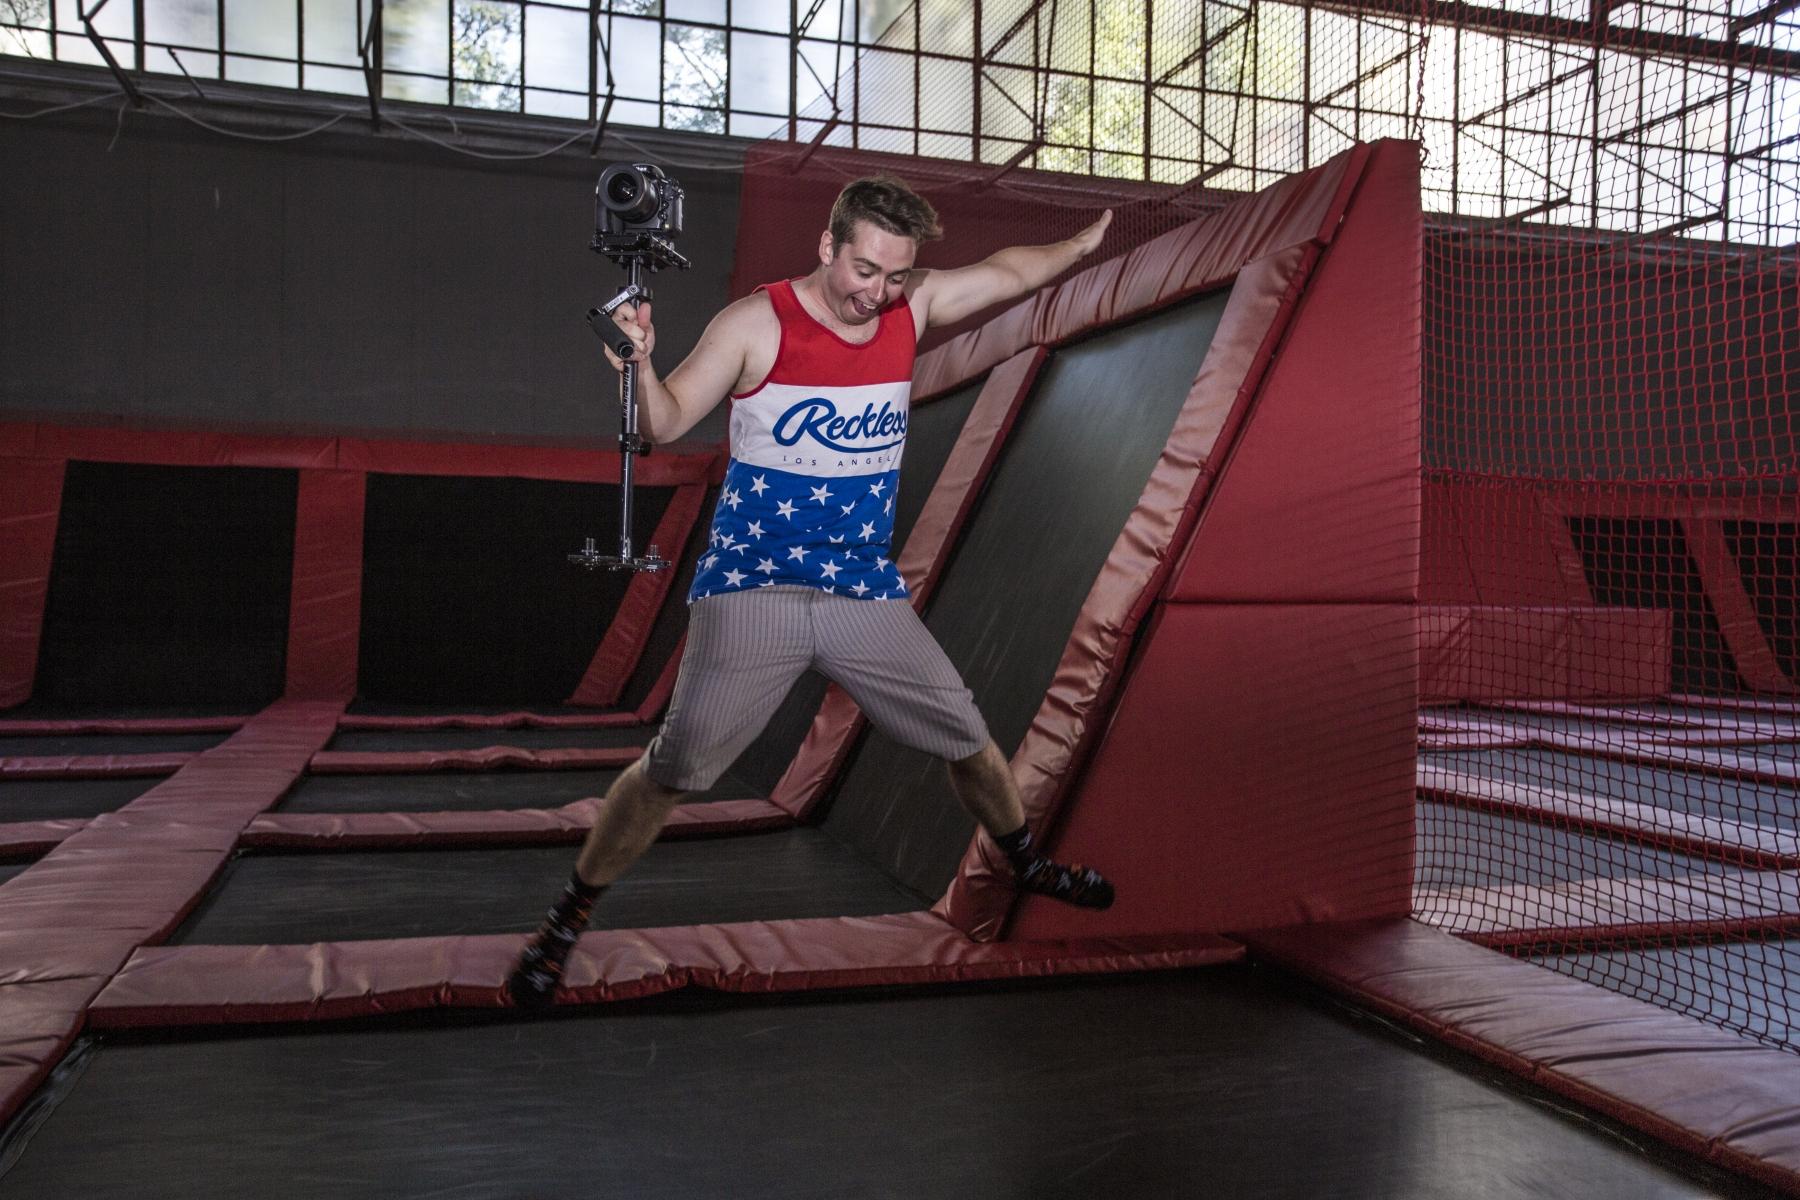 Obejrzyj galerię zdjęć z trampolin